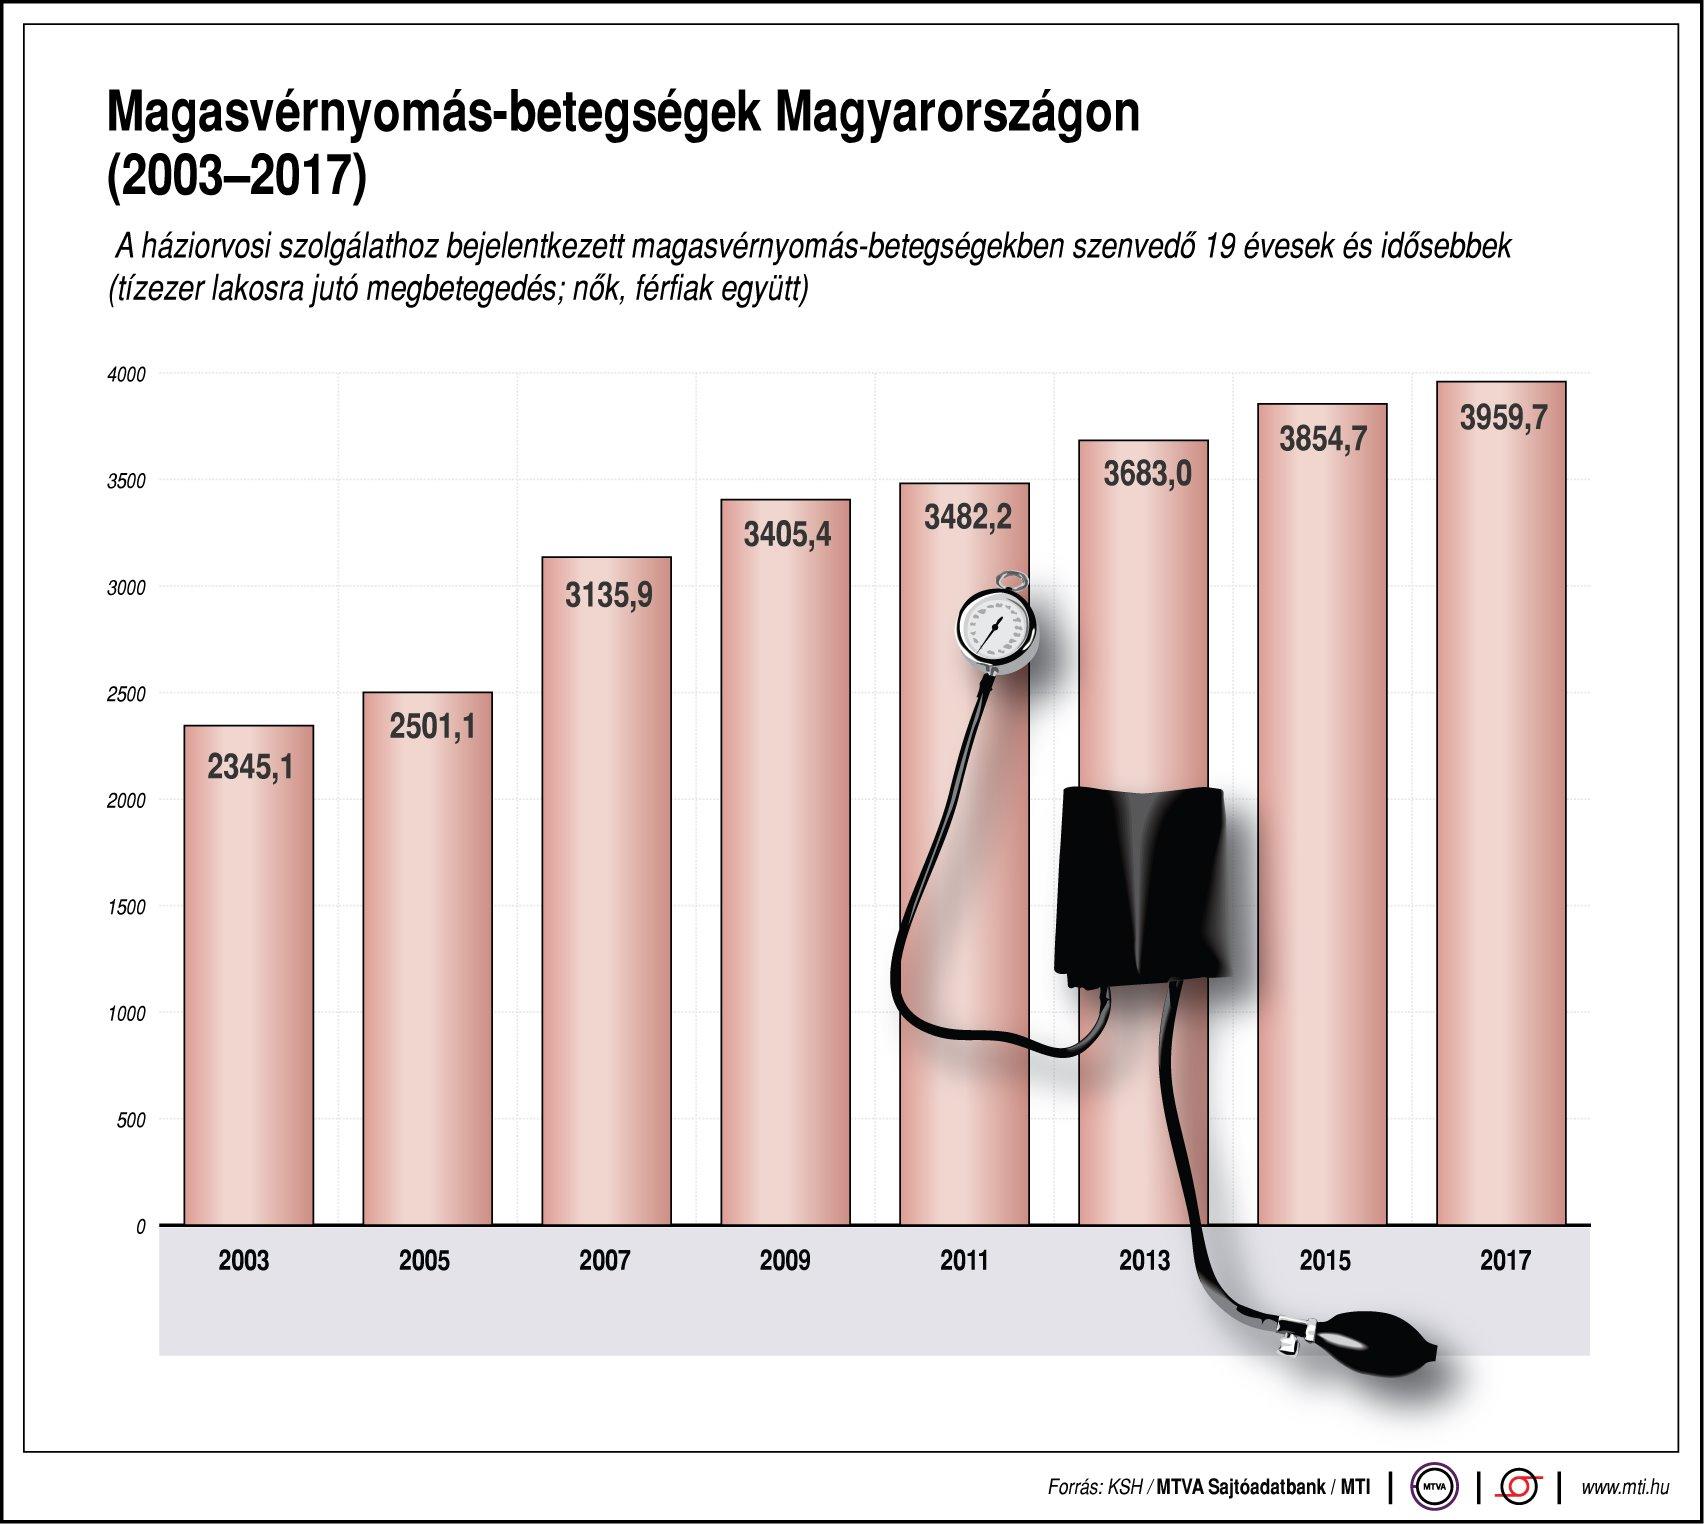 magas vérnyomás kezelésének 2 fokos szürkehályog műtét magas vérnyomás esetén